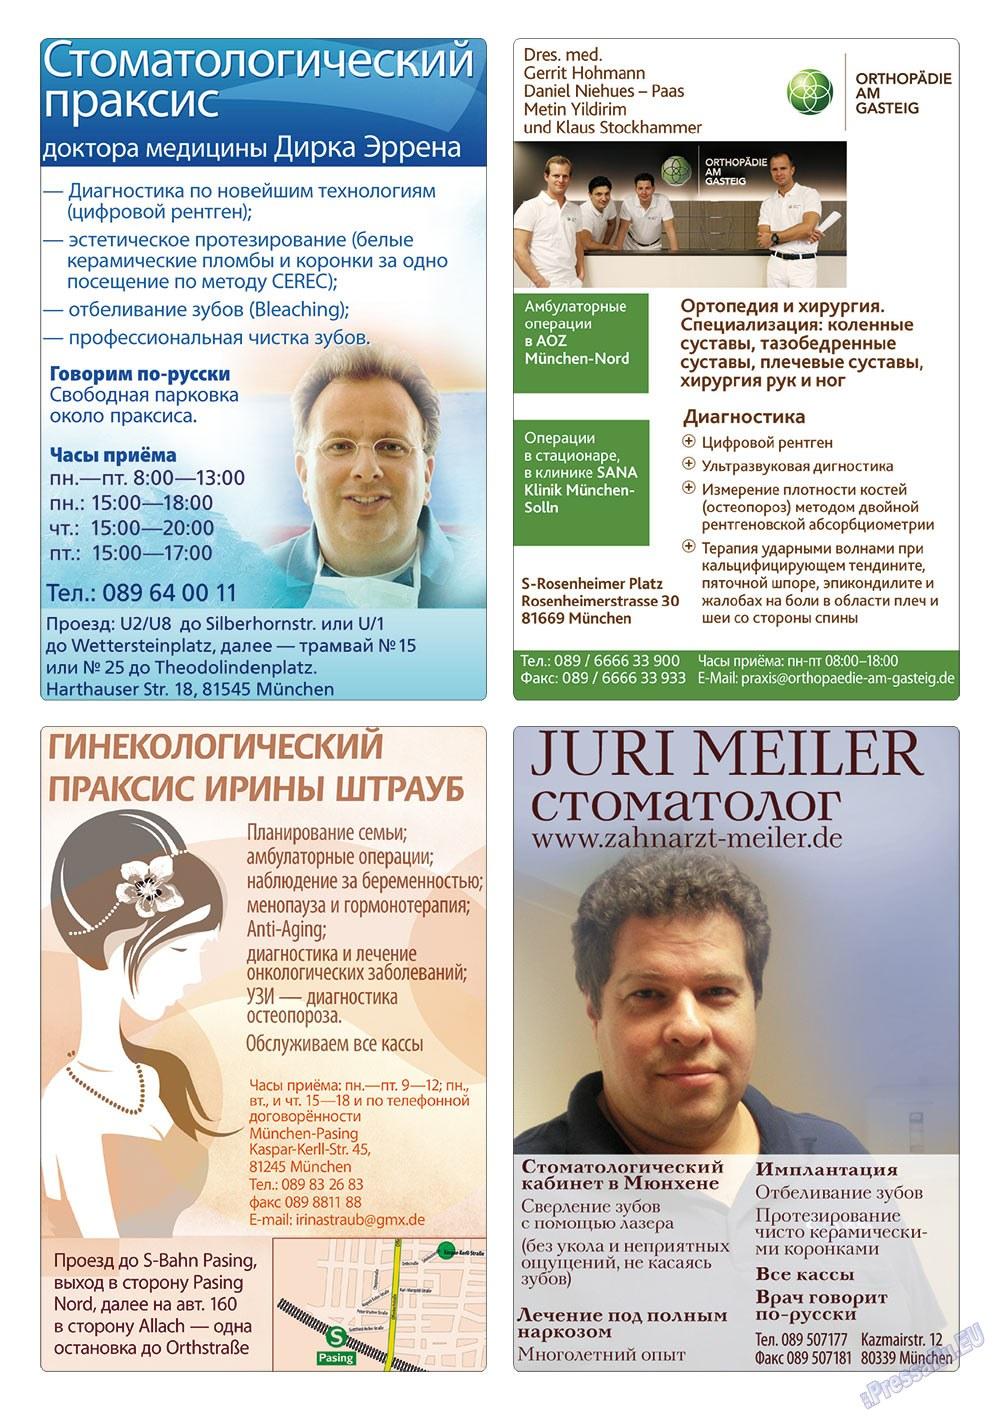 Апельсин (журнал). 2012 год, номер 32, стр. 39